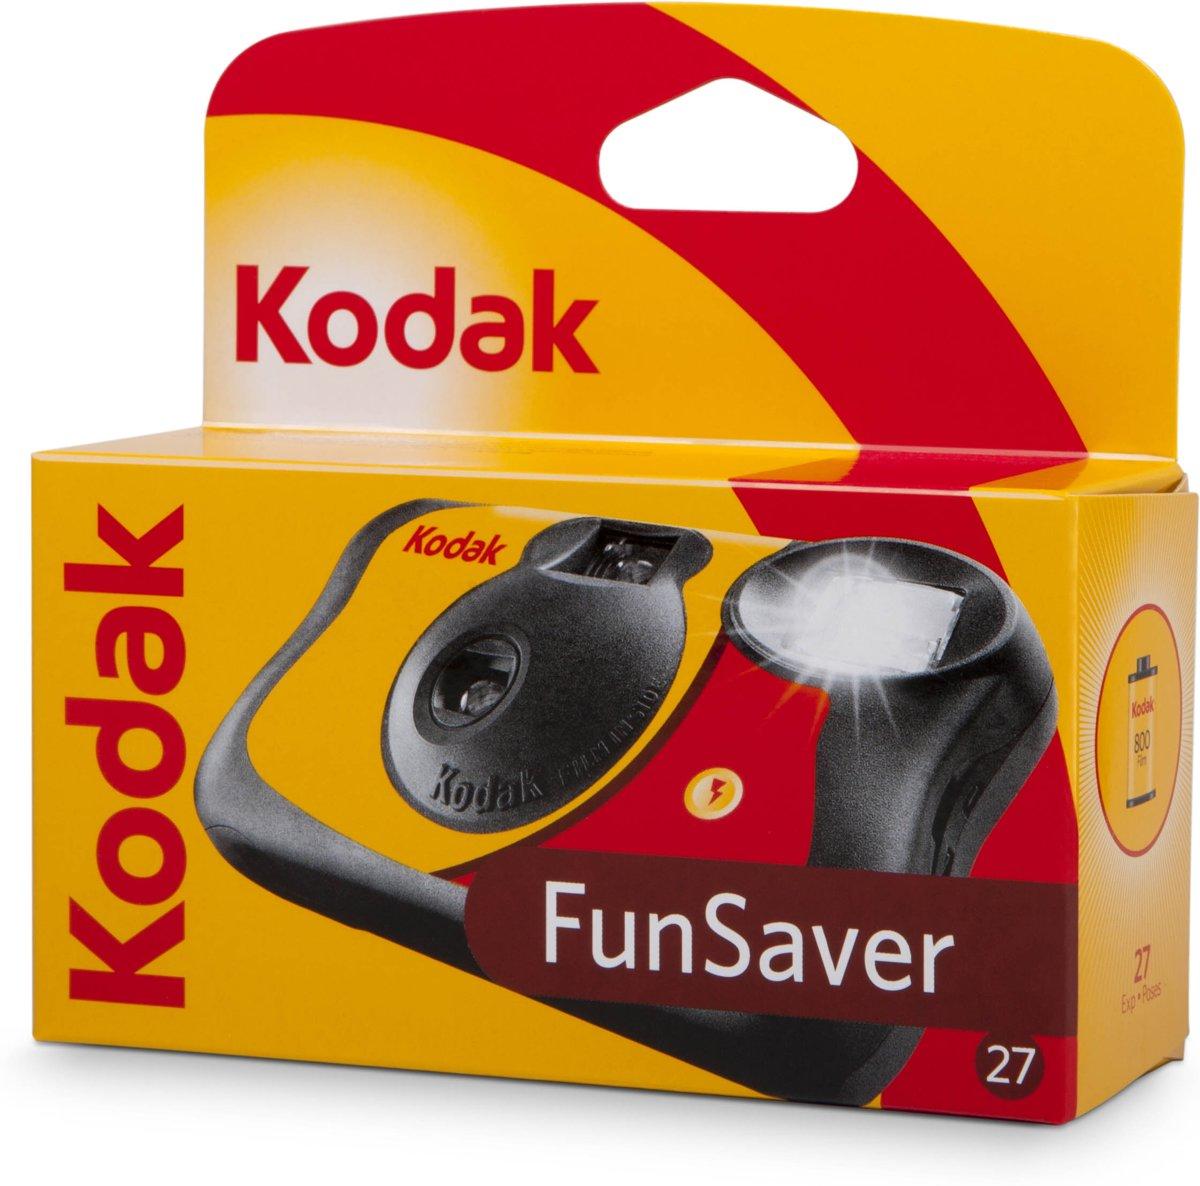 Kodak Fun Saver Wegwerpcamera 27+12 opnames kopen